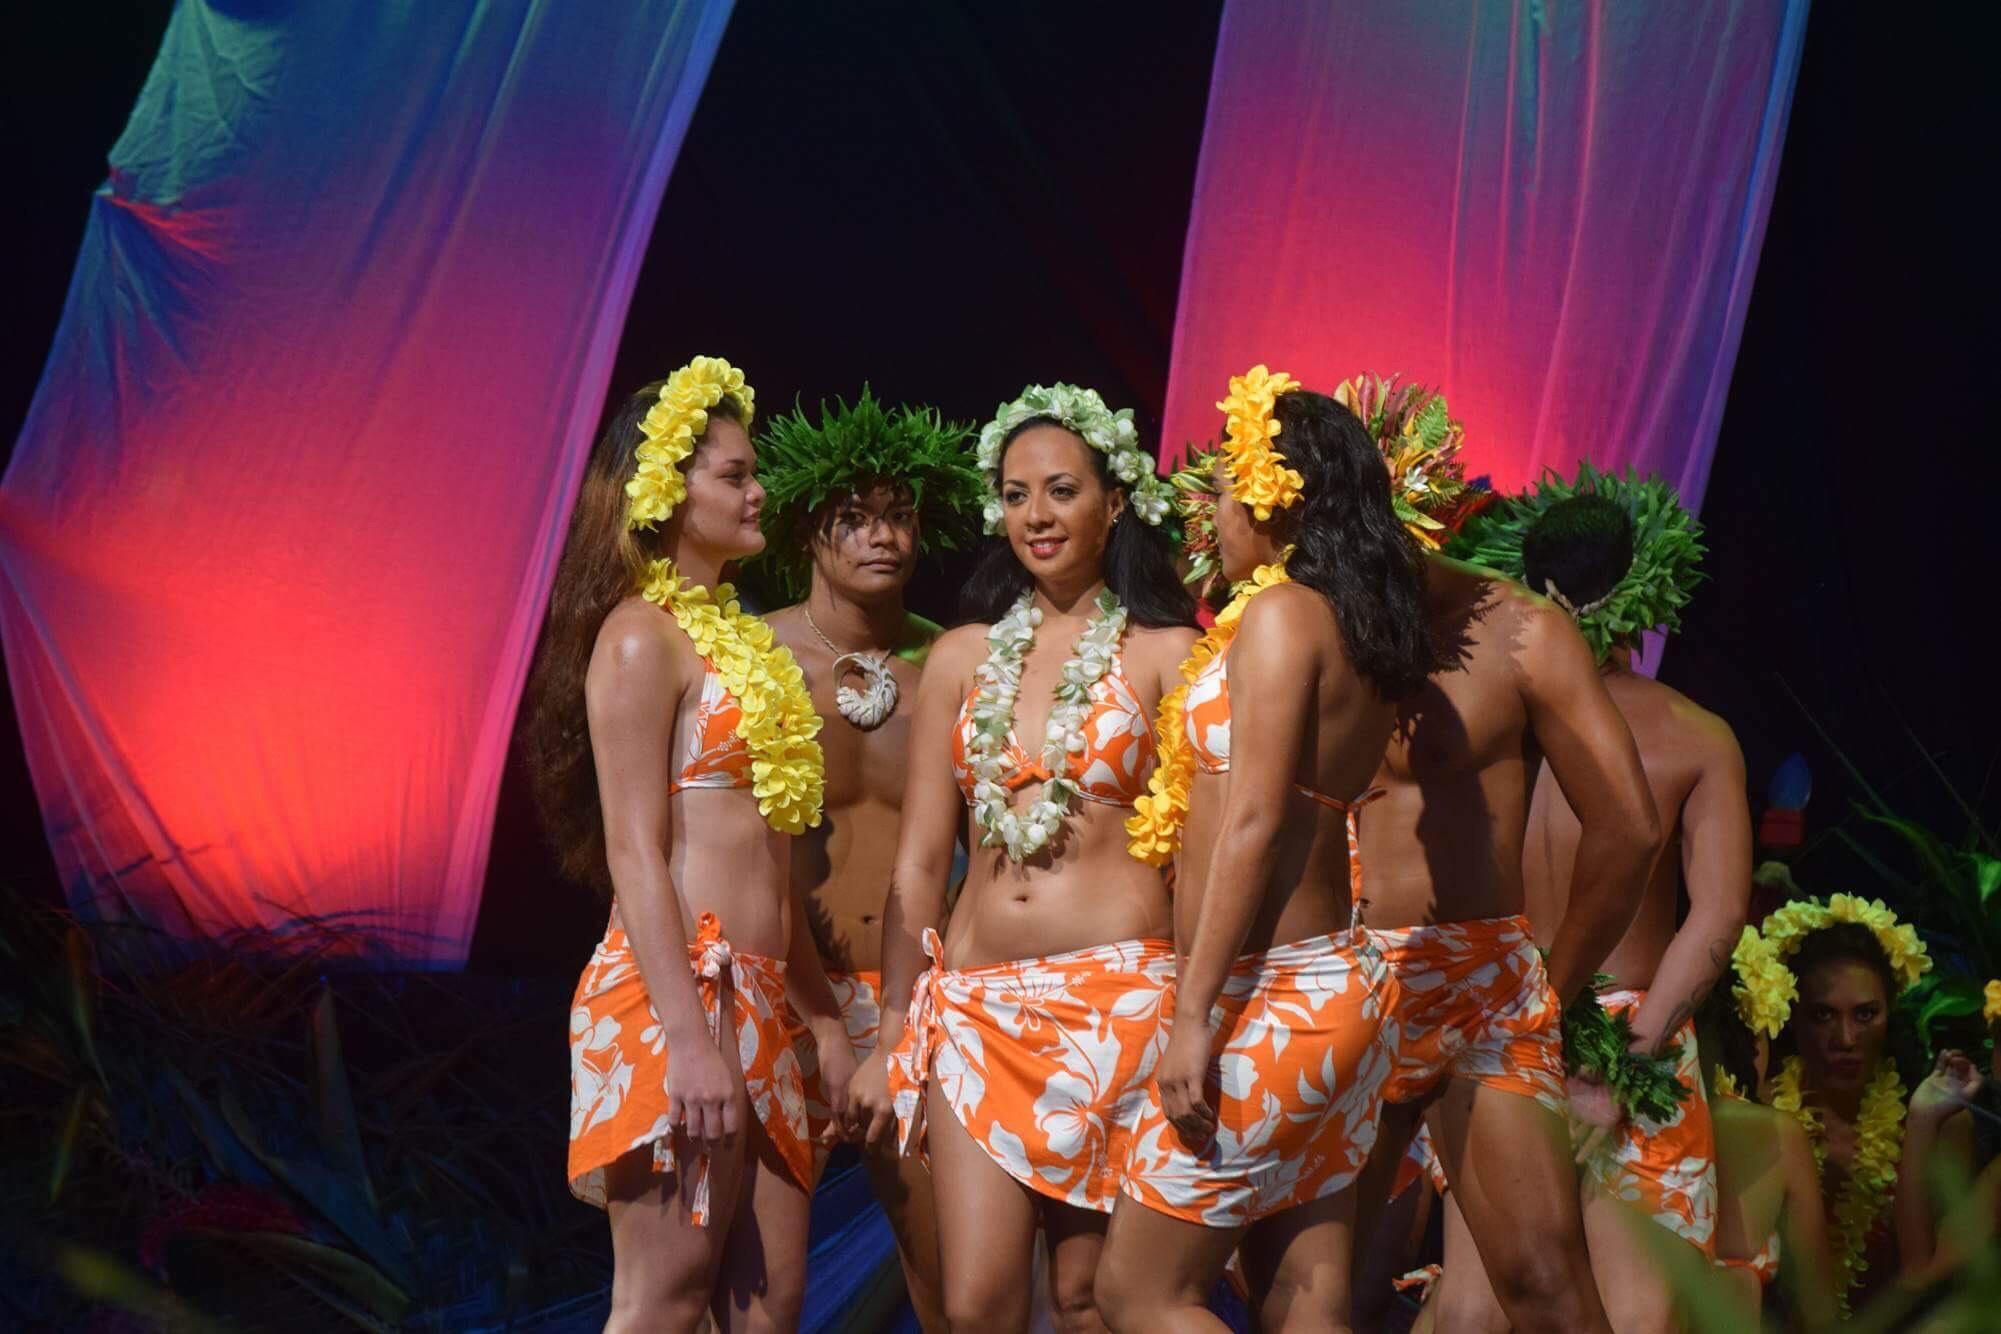 L'école de danse de Raivaihiti a effectué des prestations durant les intermèdes.